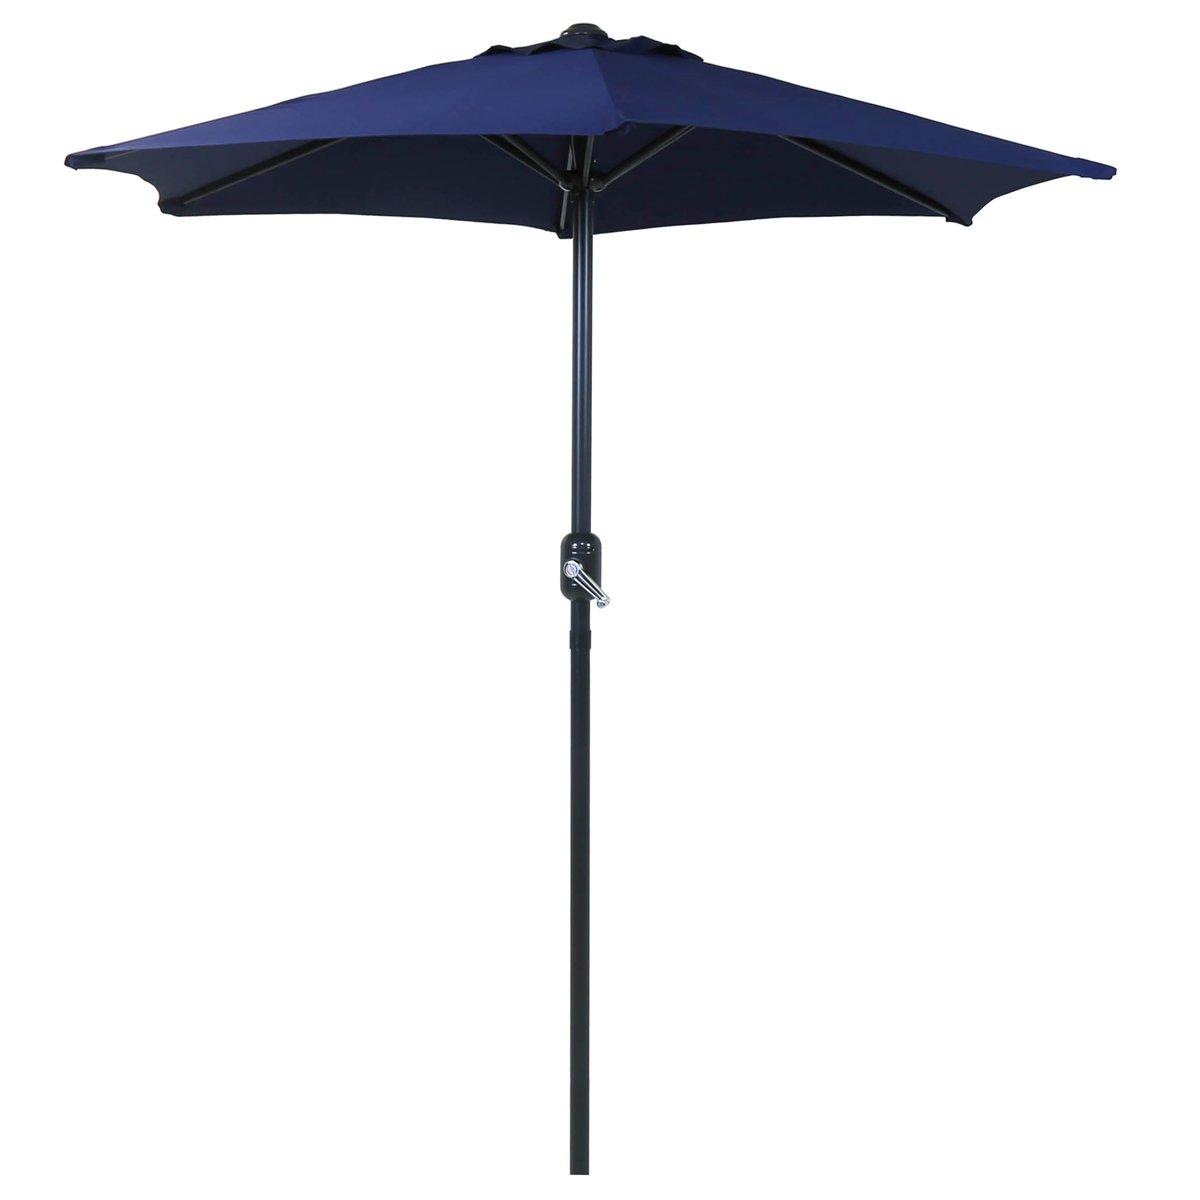 Charles Bentley 2M Mercato Ombrello Parasole Patio Giardino Ombrellone con Crank Funzione - Blu